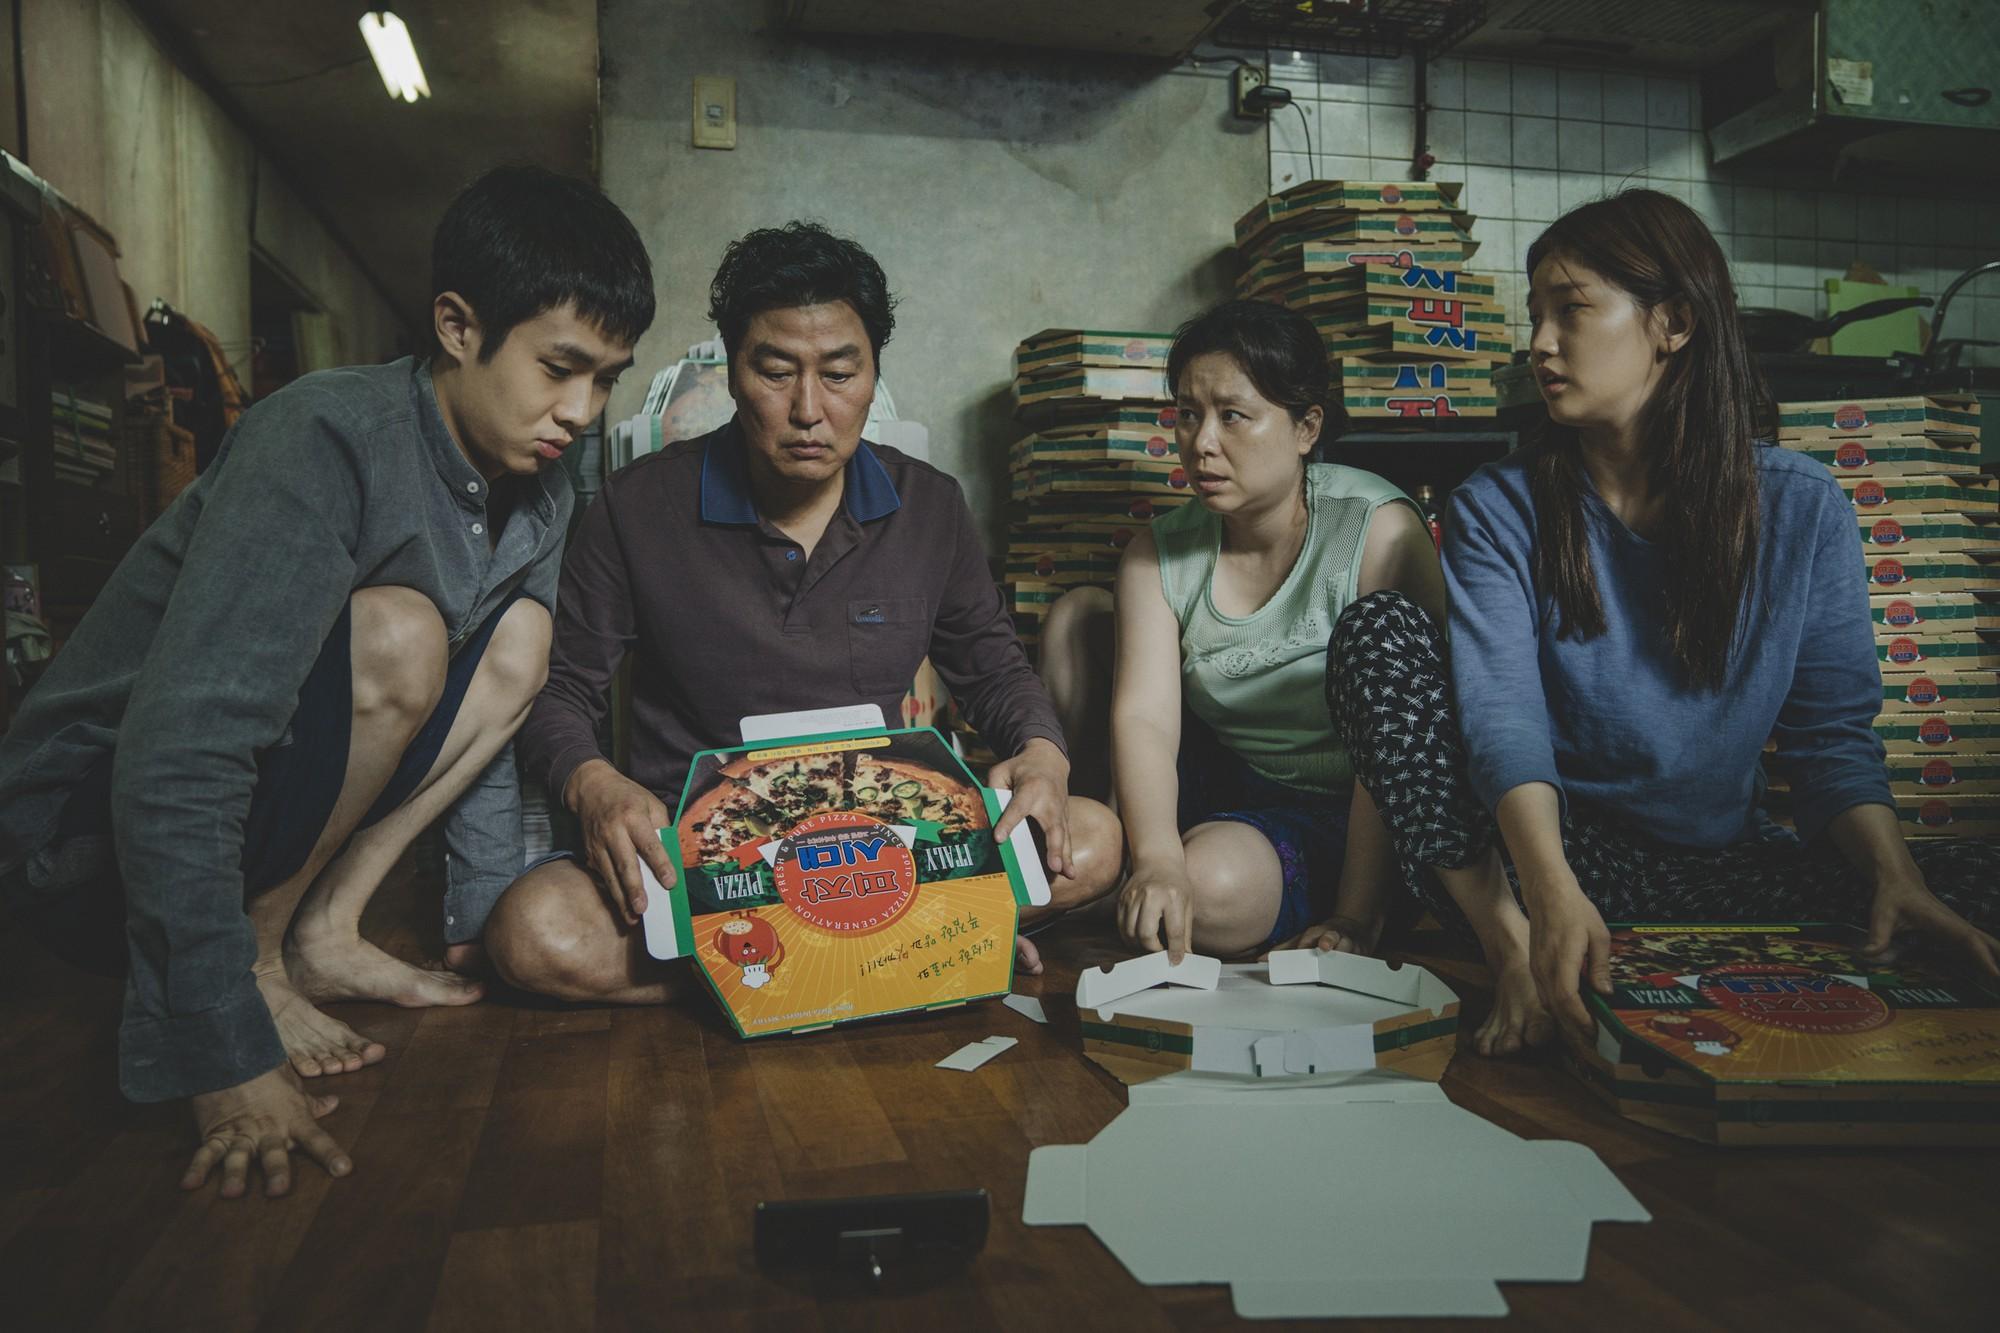 Phim Ký sinh trùng (2019) - Phim hàn đáng xem nhất mọi thời đại